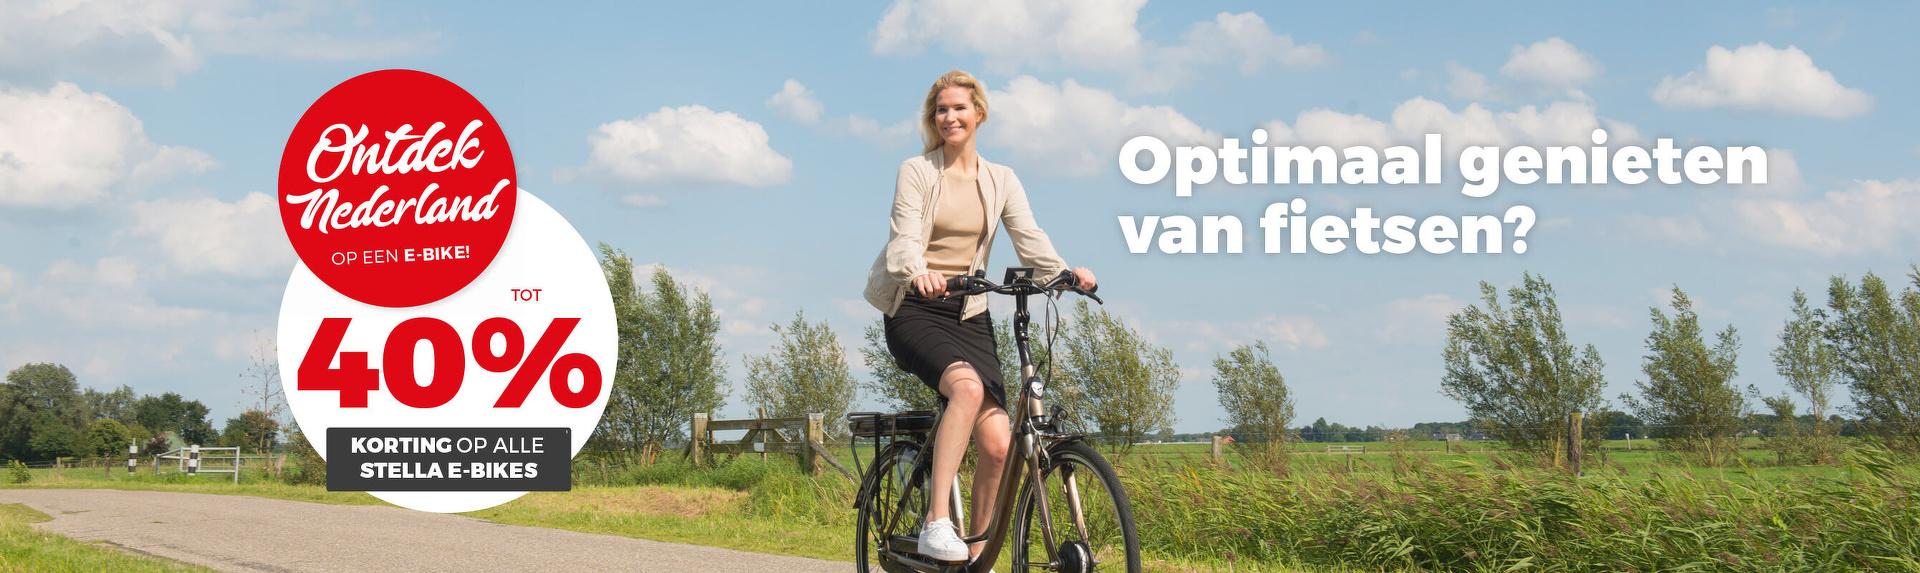 Ontdek Nederland op een e-bike